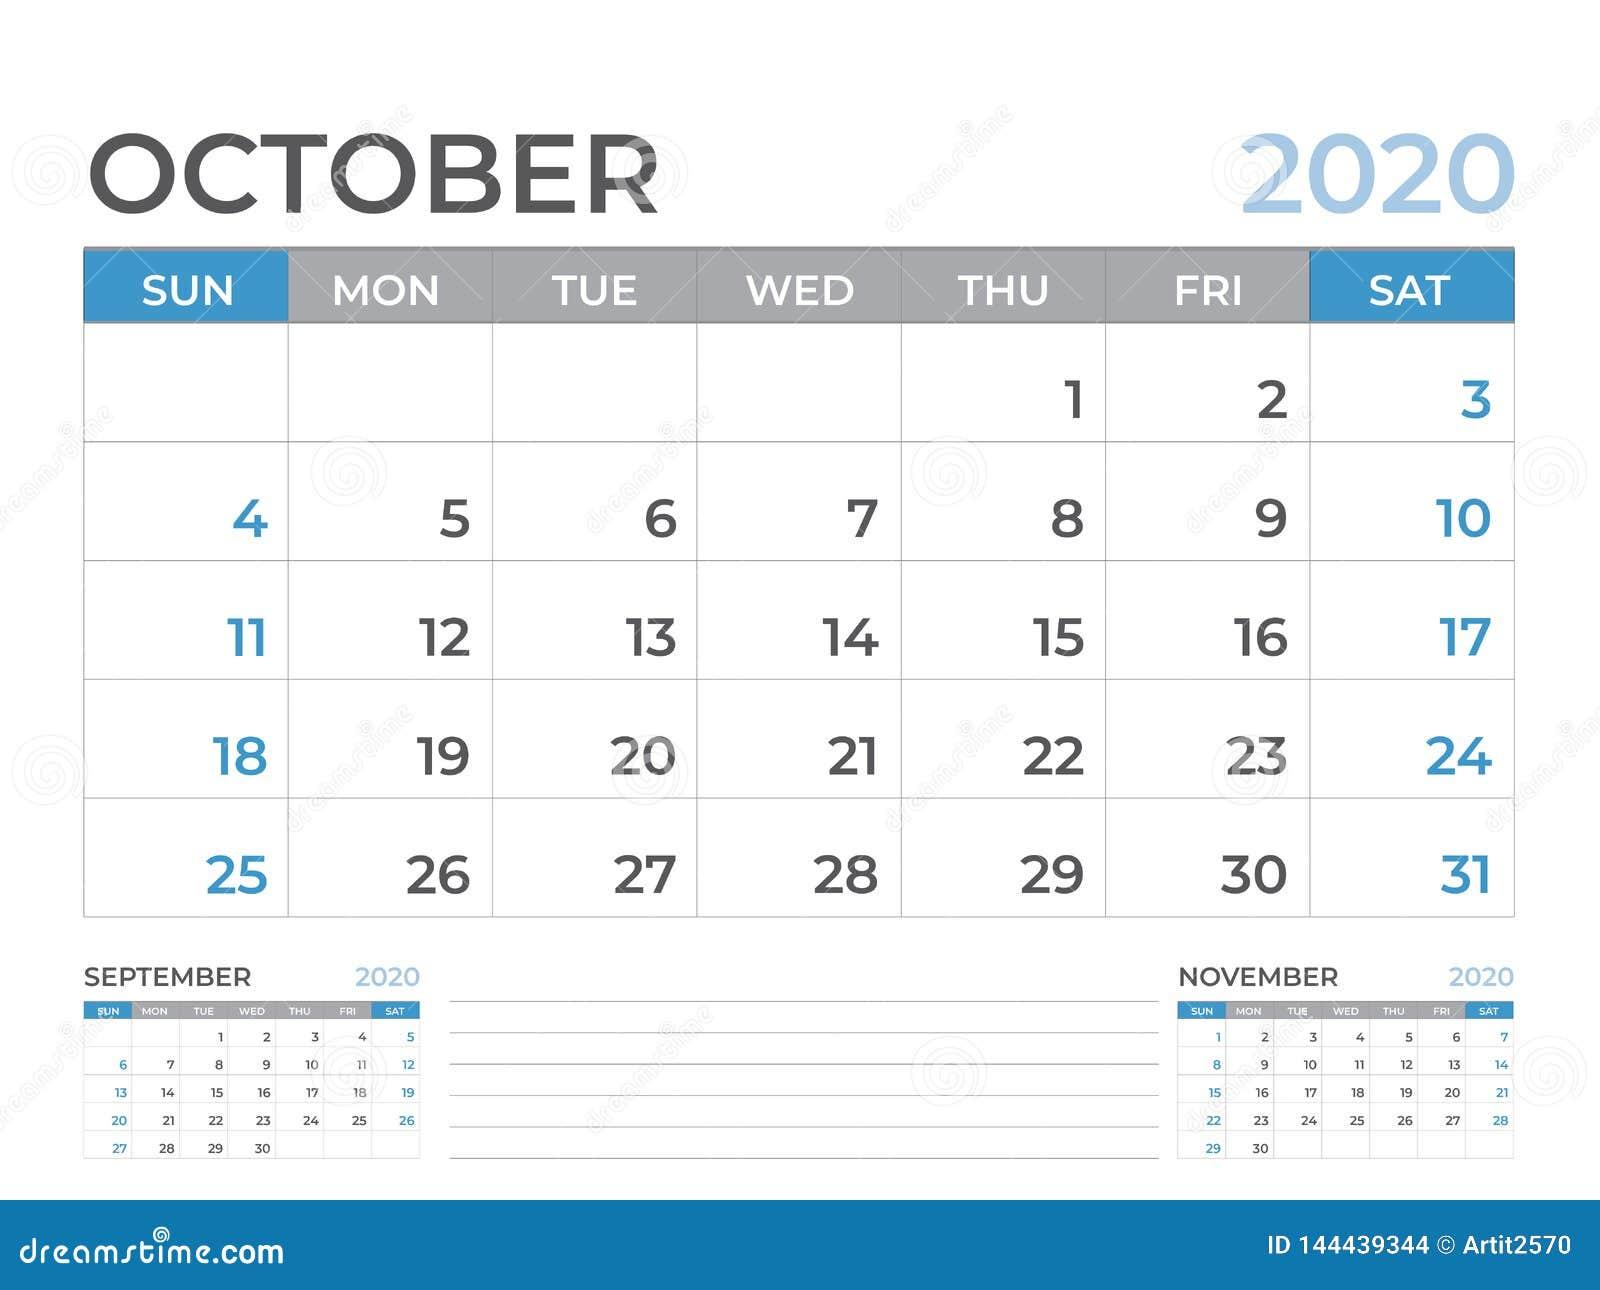 Calendrier Octobre 2020.Octobre 2020 Calibre De Calendrier Taille De Disposition De